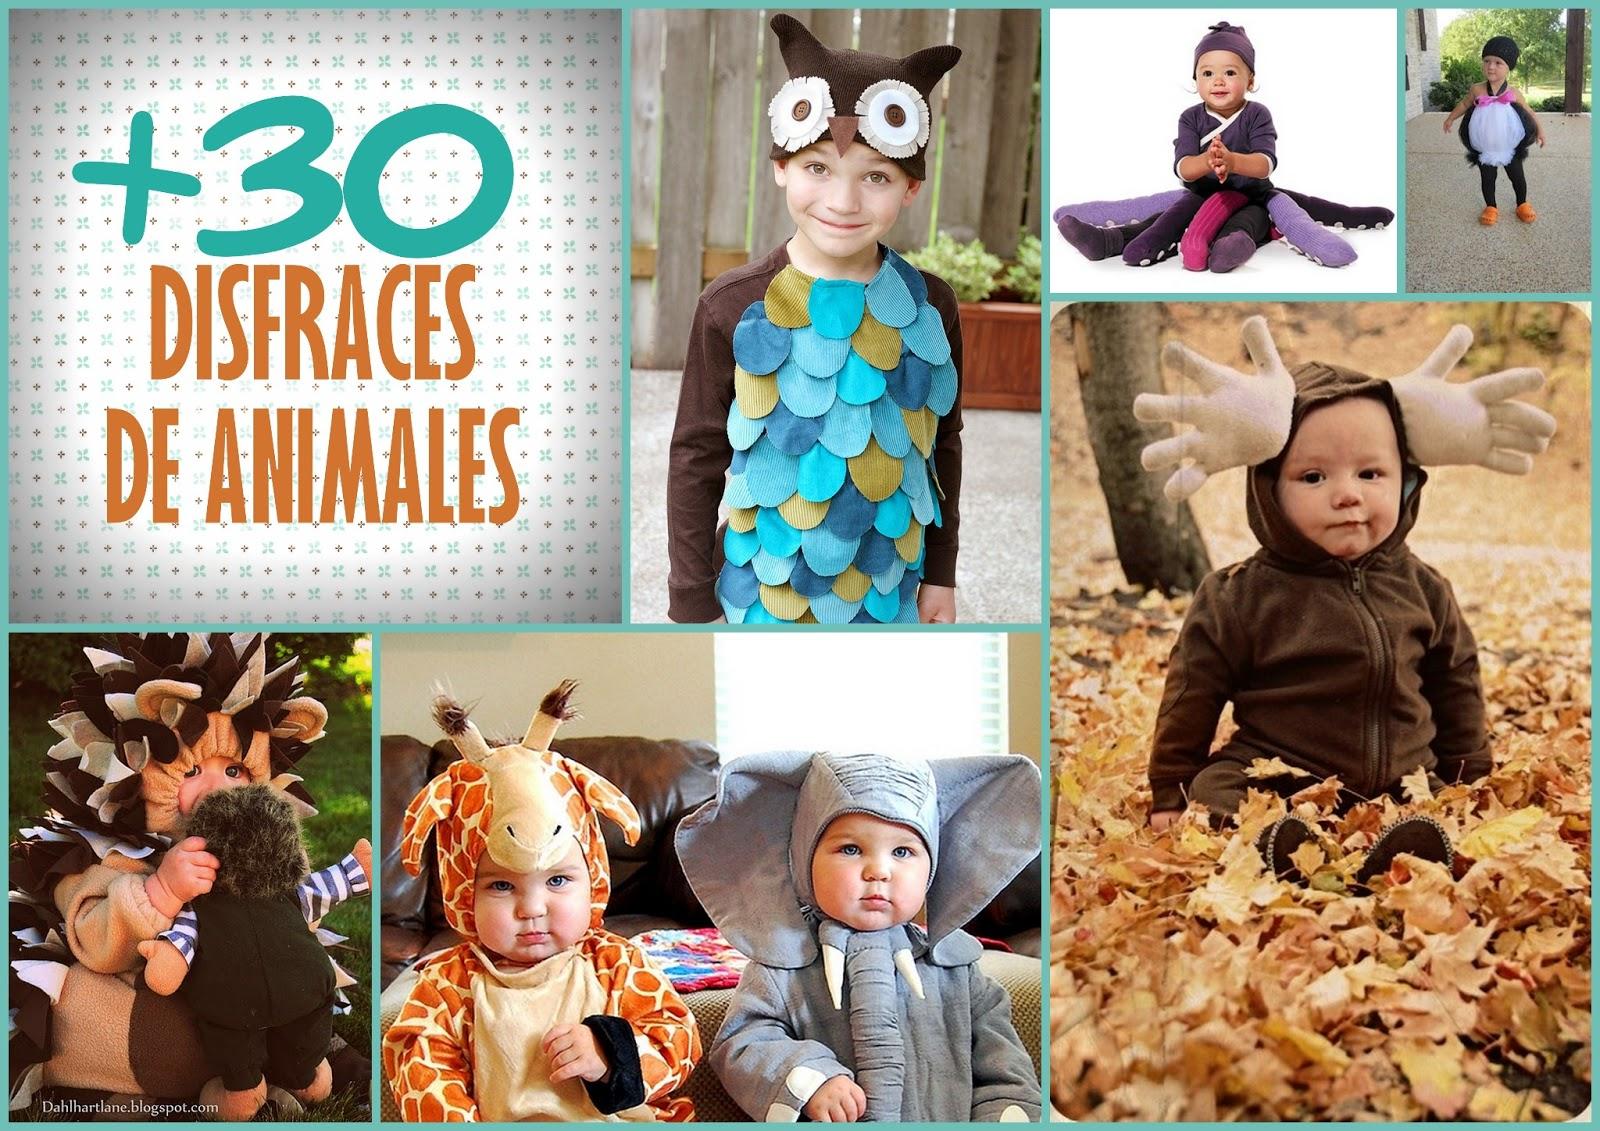 Recursos Disfraces De Animales Para Carnaval Lluvia De Ideas - Idea-disfraz